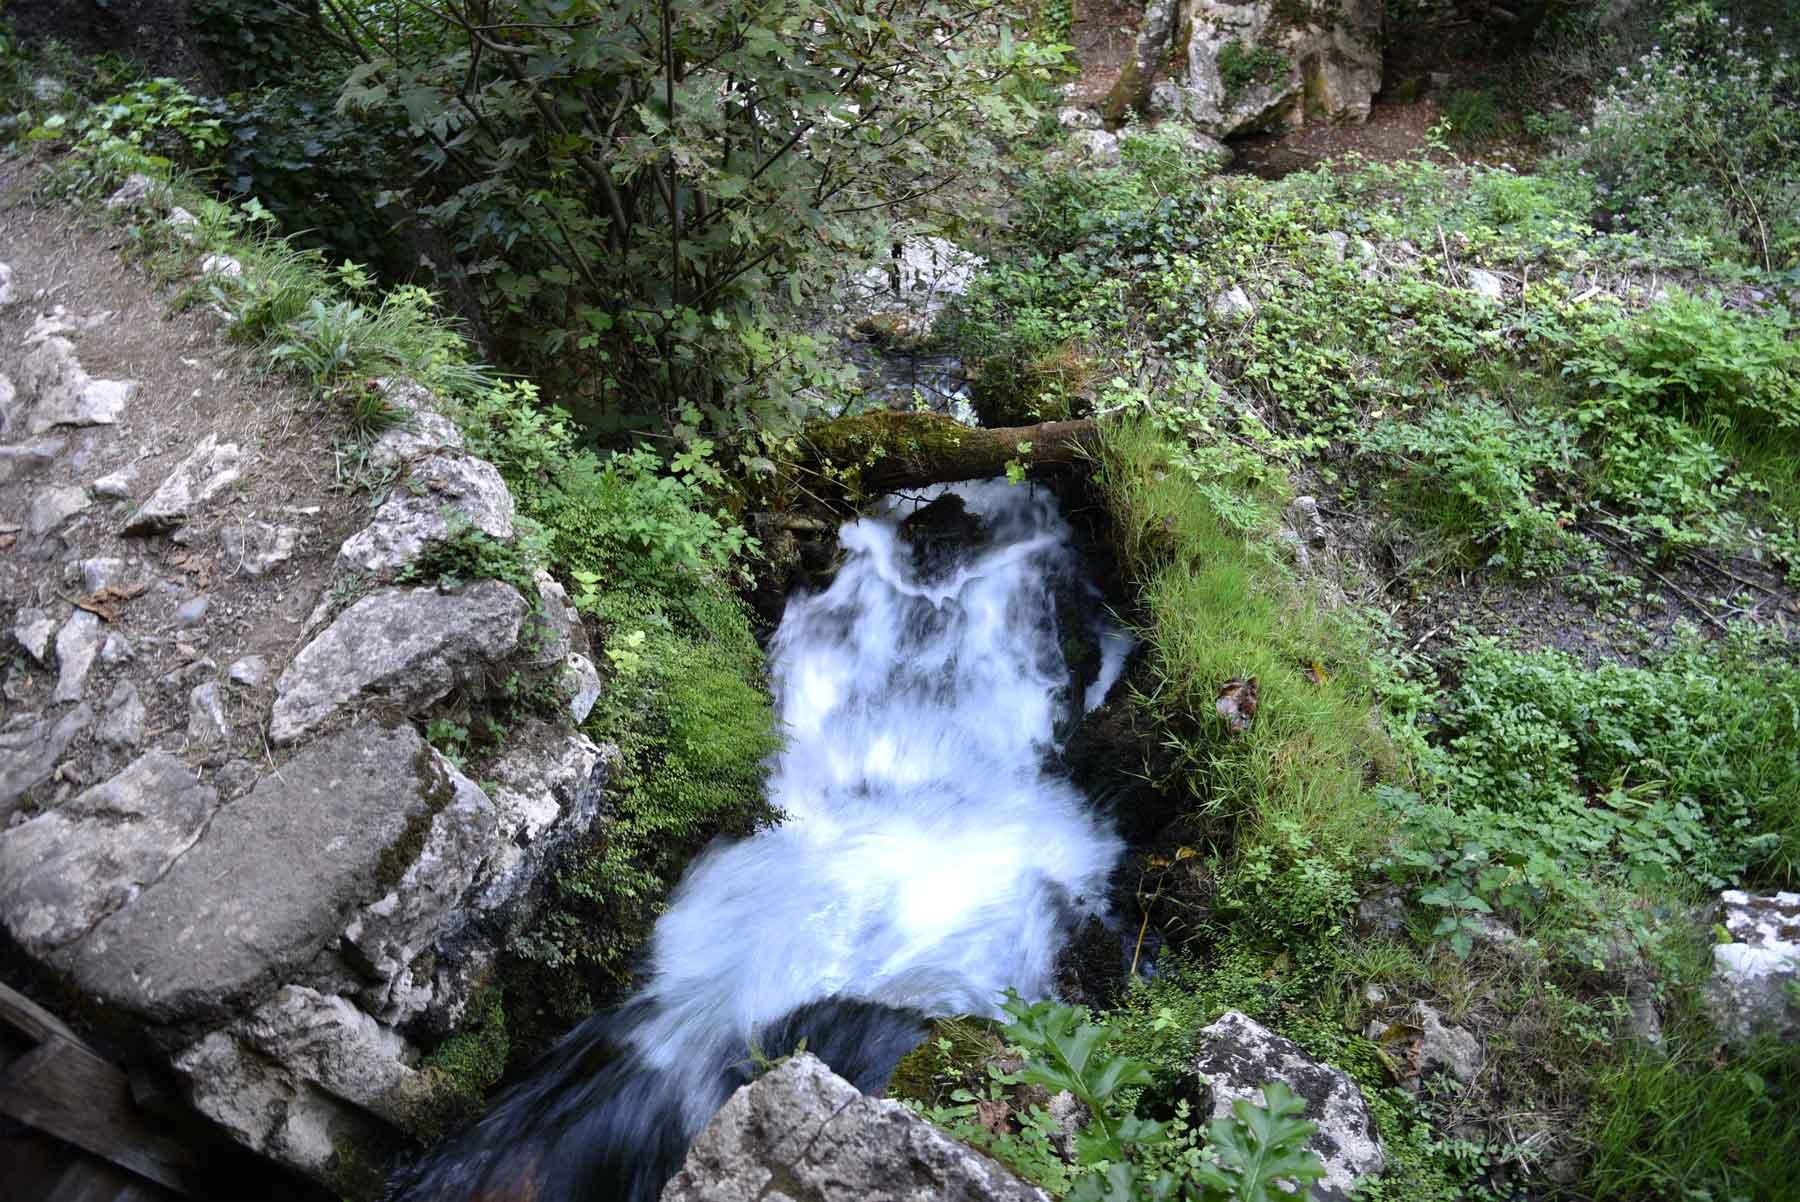 grotte-del-bussento-mulino-di-morigerati-oasi-wwf